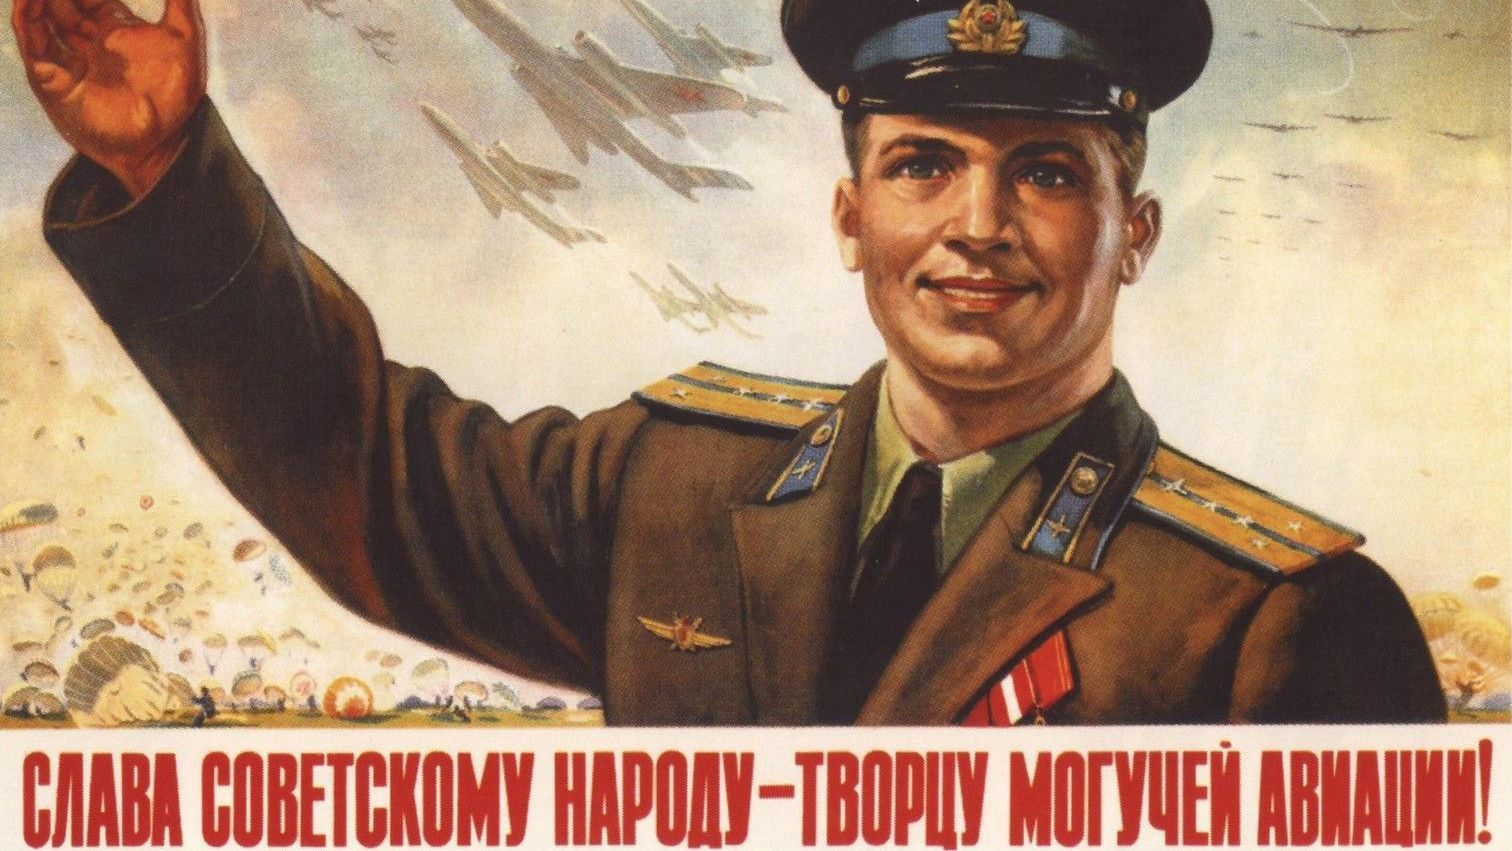 Слава советскому народу - творцу могучей авиации. 1954